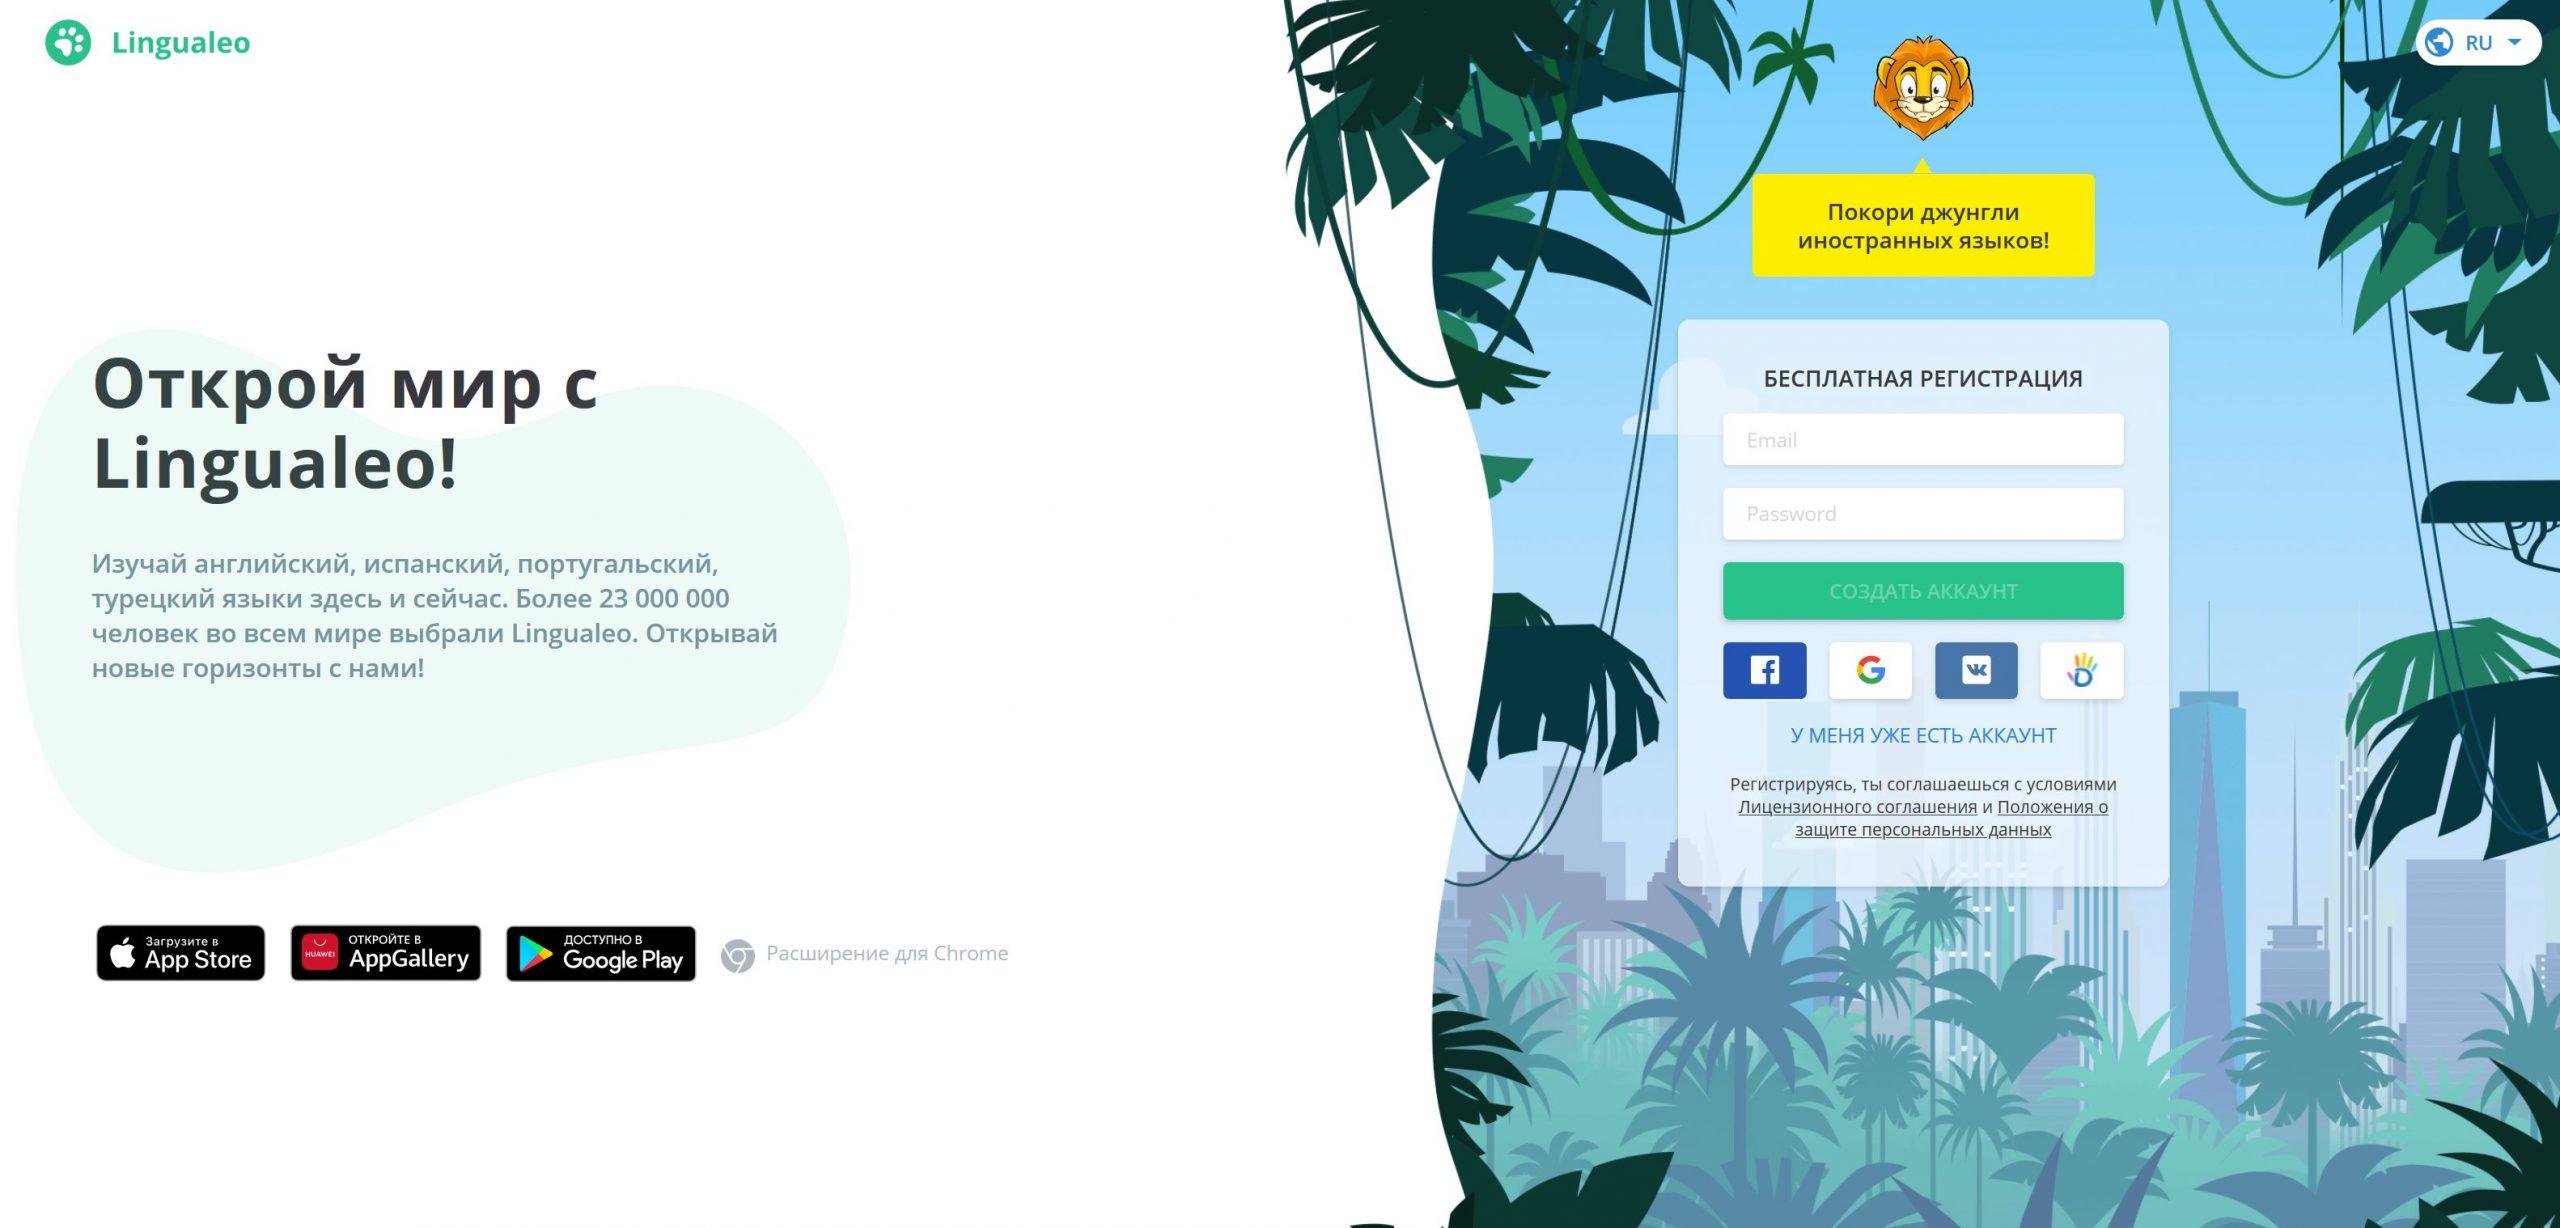 Lingualeo — иностранные языки онлайн